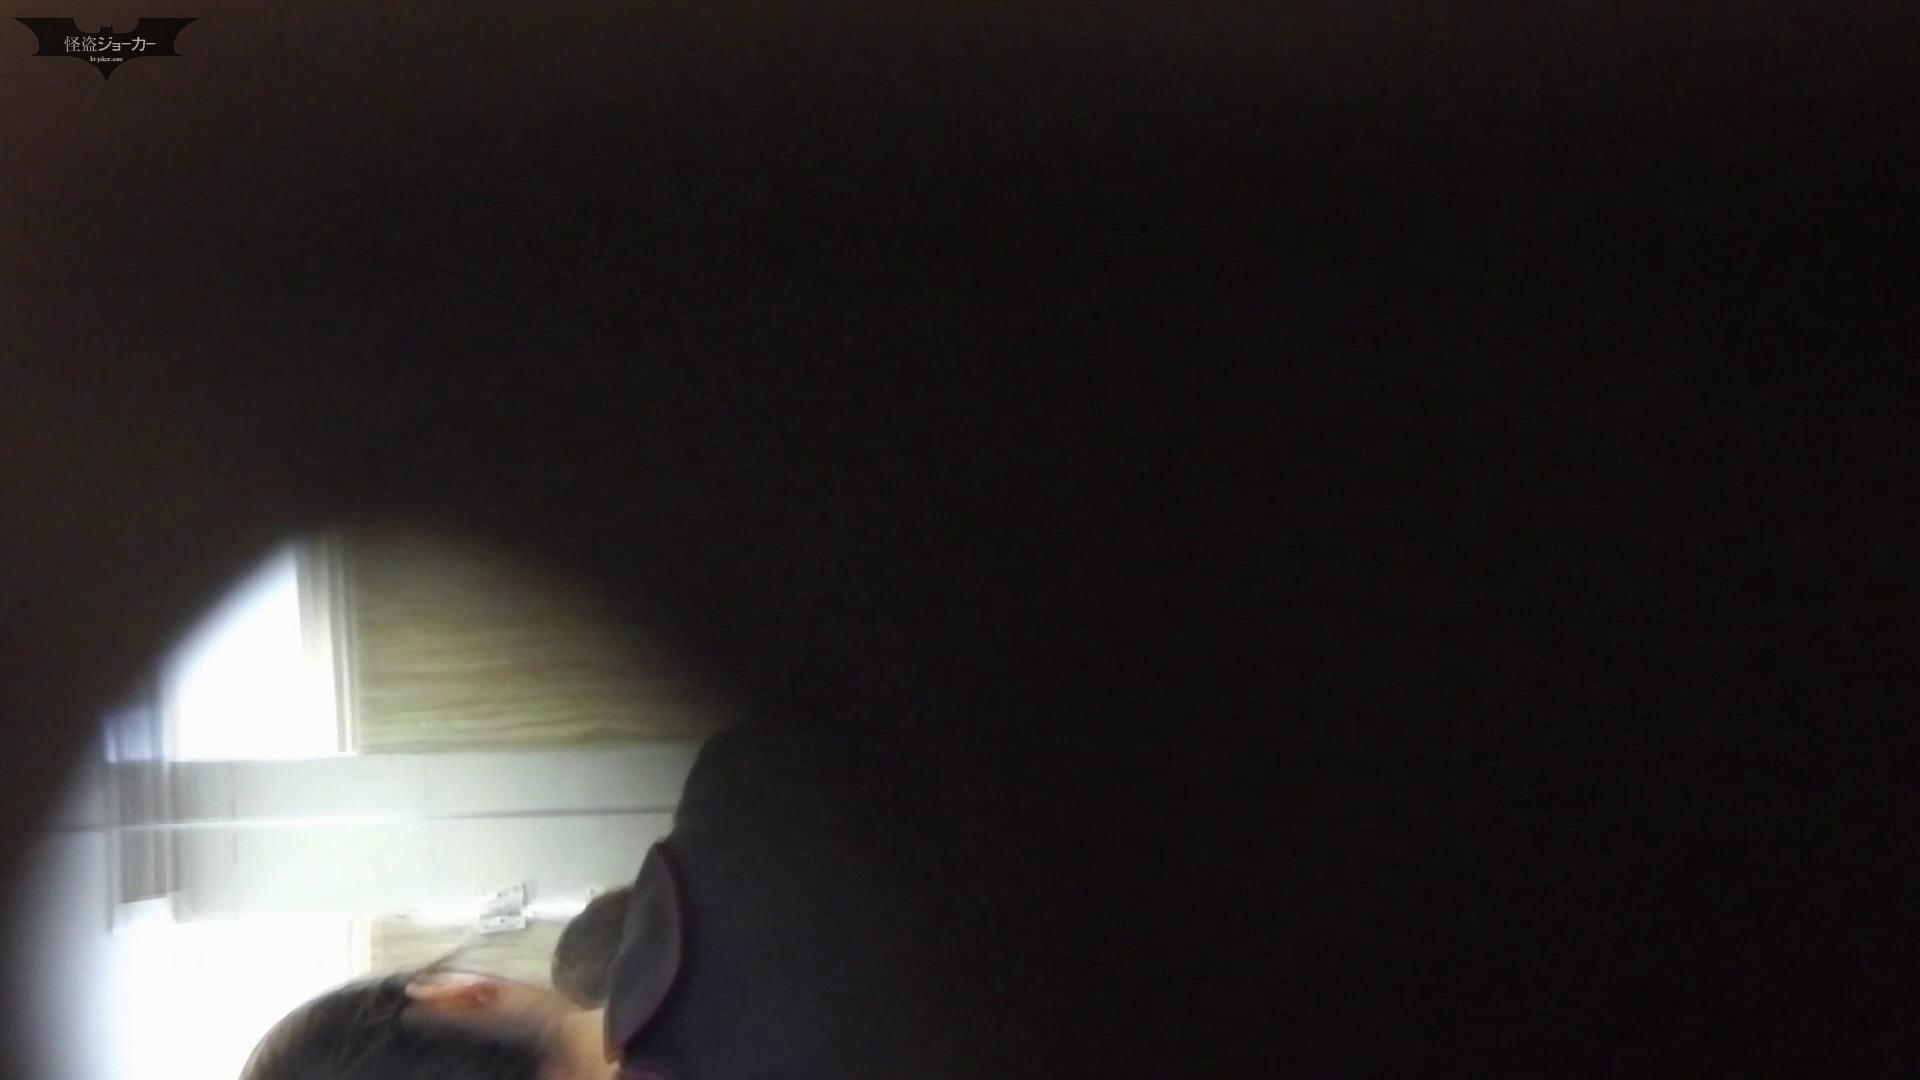 ヤリマンのオマンコ:阿国ちゃんの和式洋式七変化 Vol.26 女子会開催でJD大集合!:怪盗ジョーカー